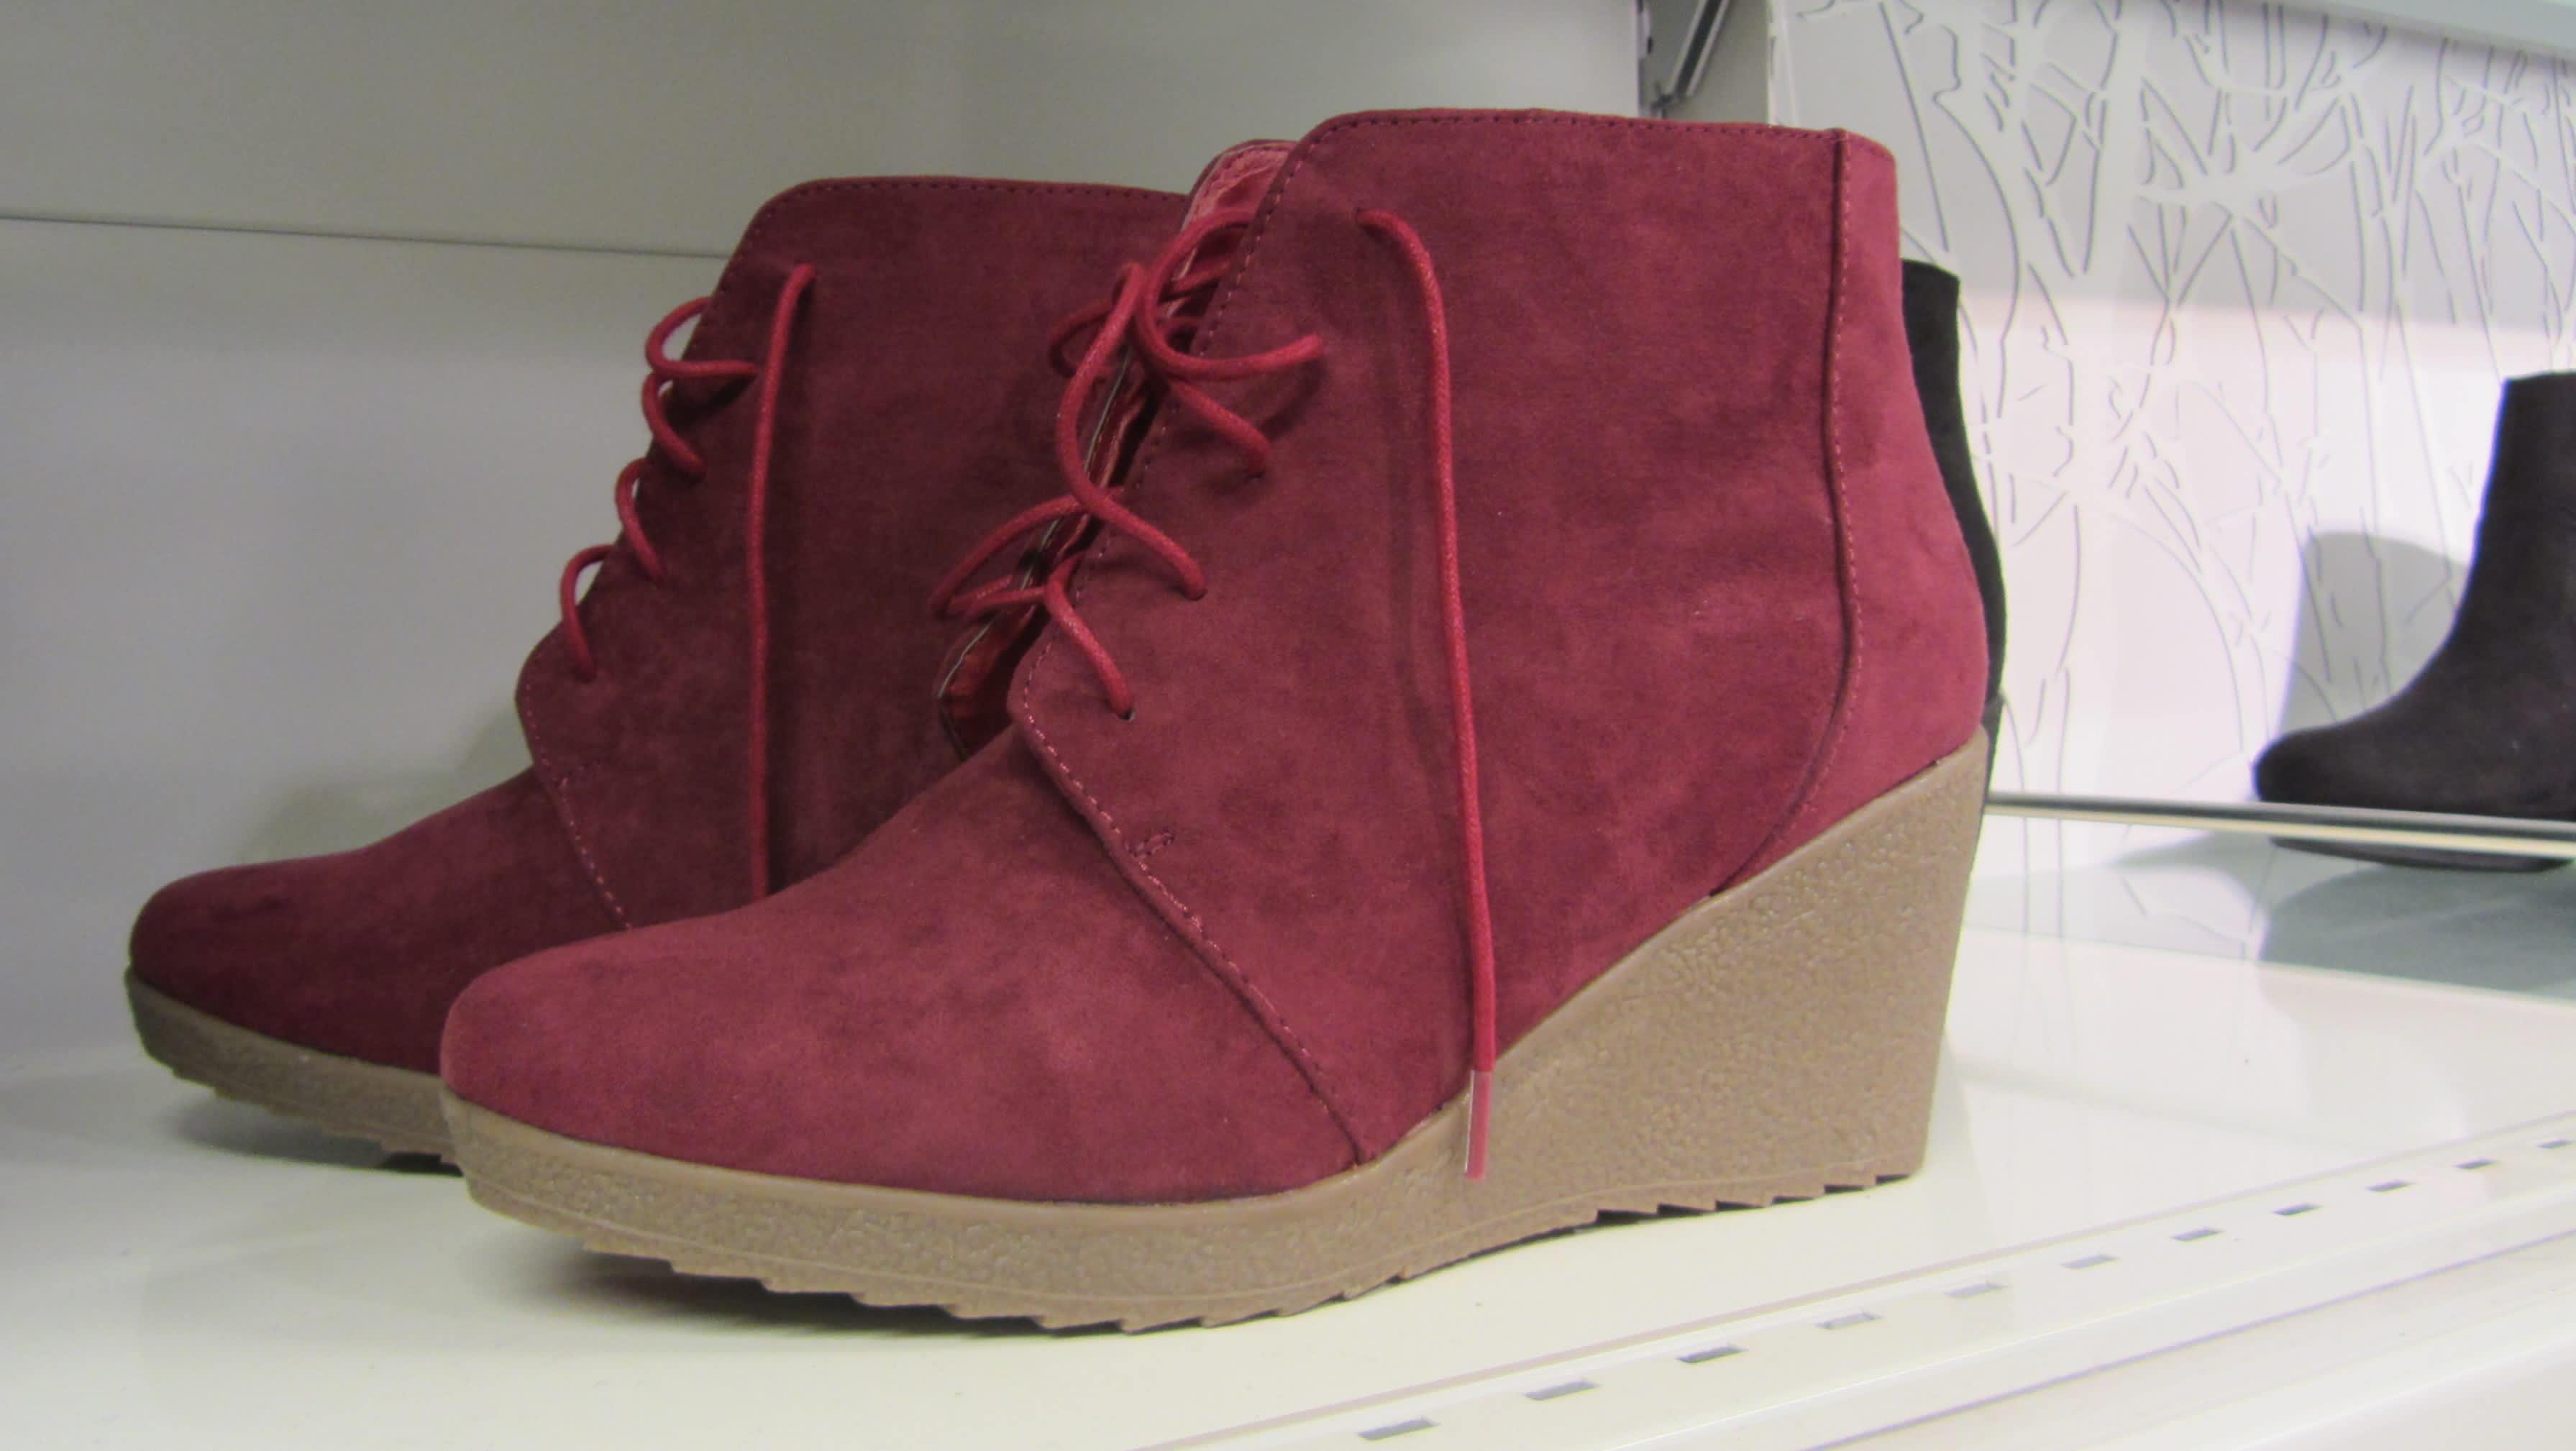 viininpunaiset kengät kaupan hyllyllä